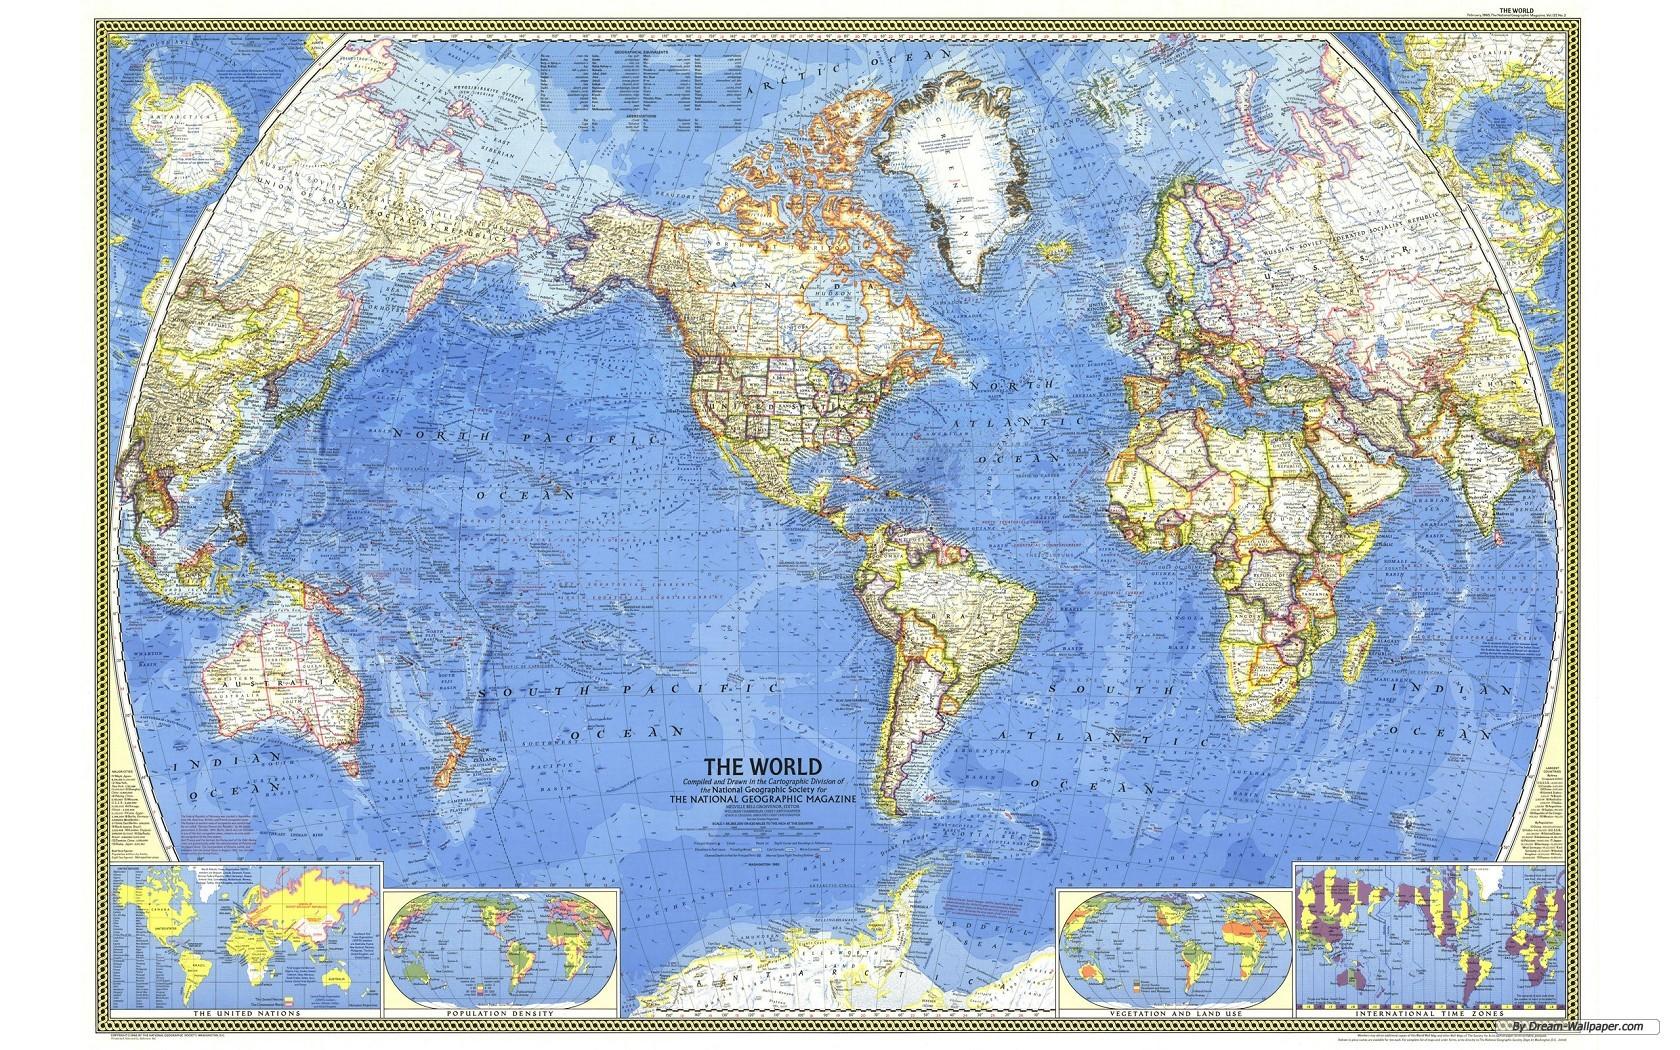 wallpaper   World Map wallpaper   1680x1050 wallpaper   Index 14 1680x1050